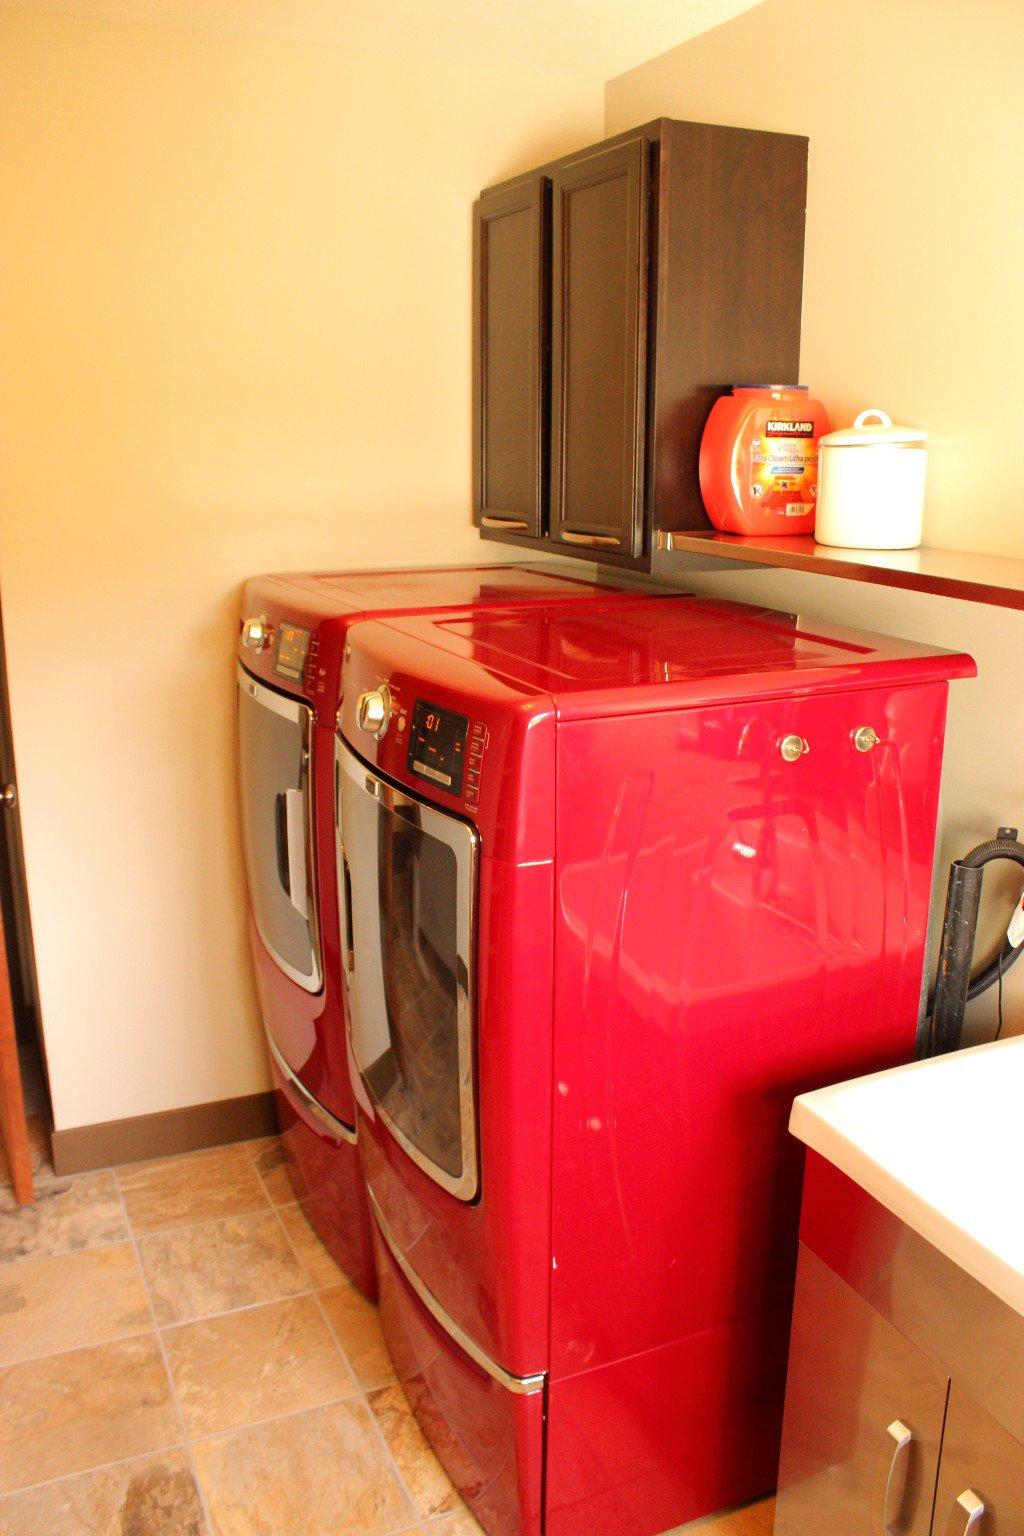 Photo 18: Photos: 6490 Barnhartvale Road in Kamloops: Barnhartvale House for sale : MLS®# 128239